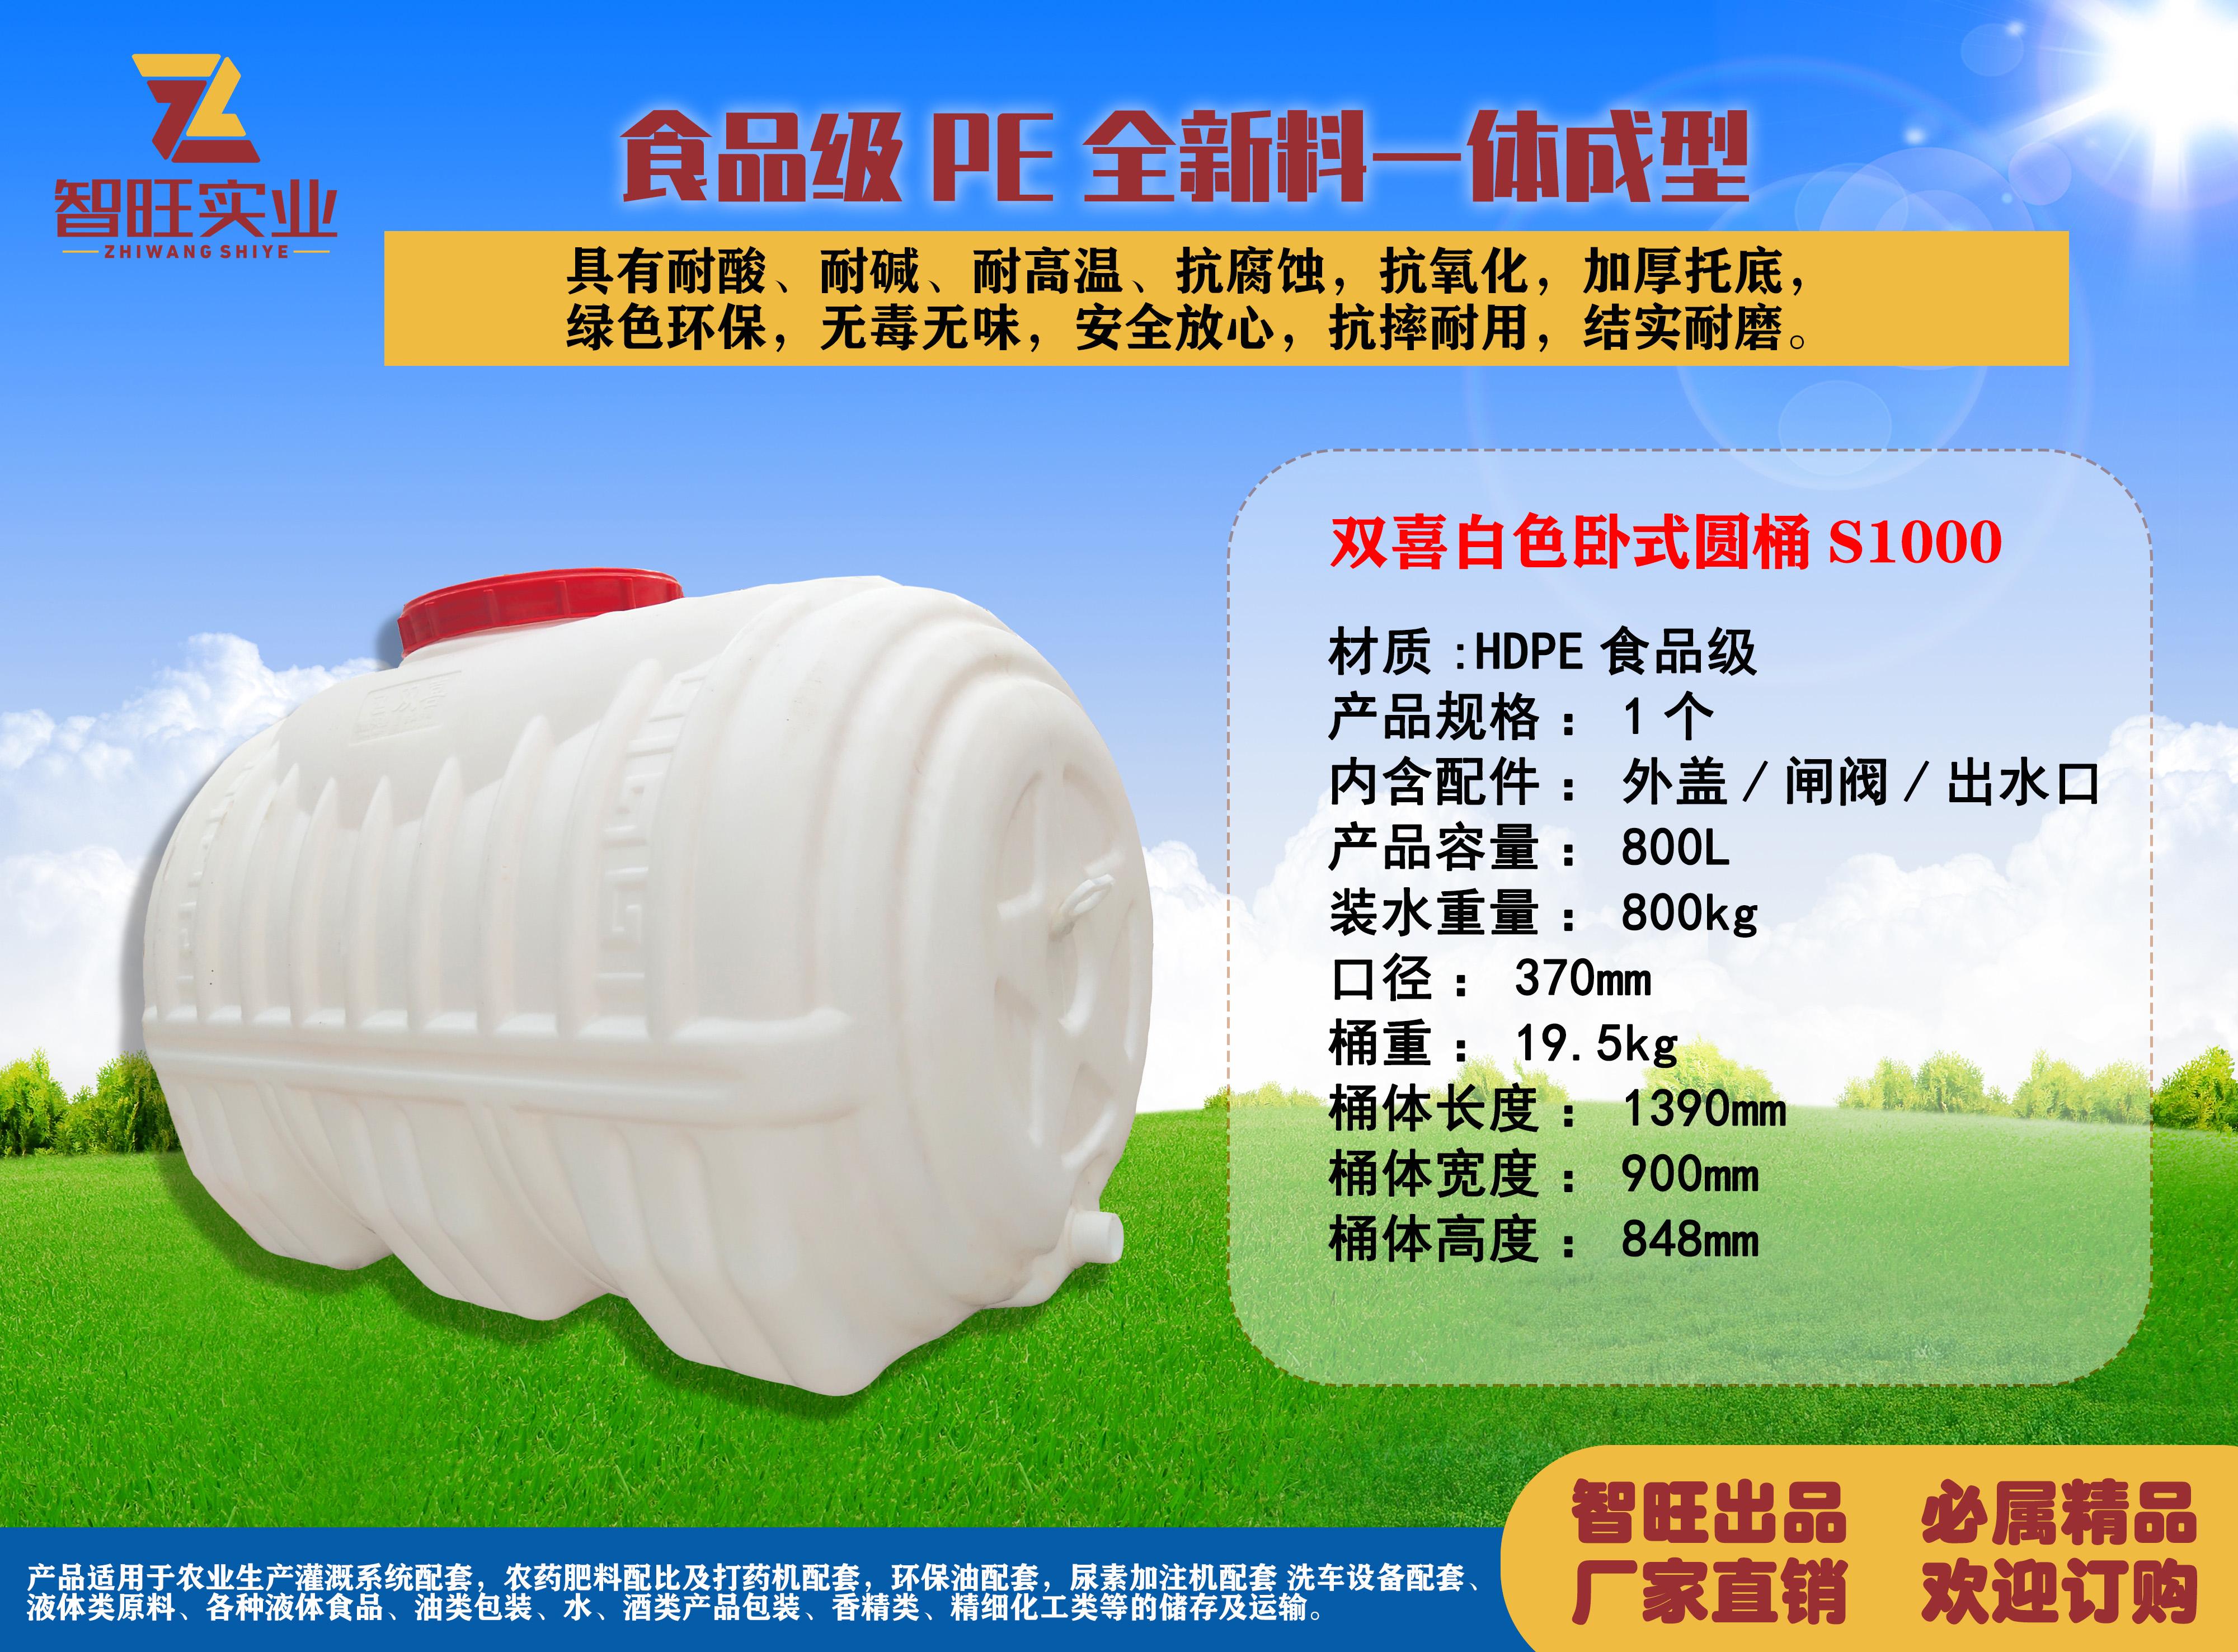 雙喜白色臥式圓桶S1000